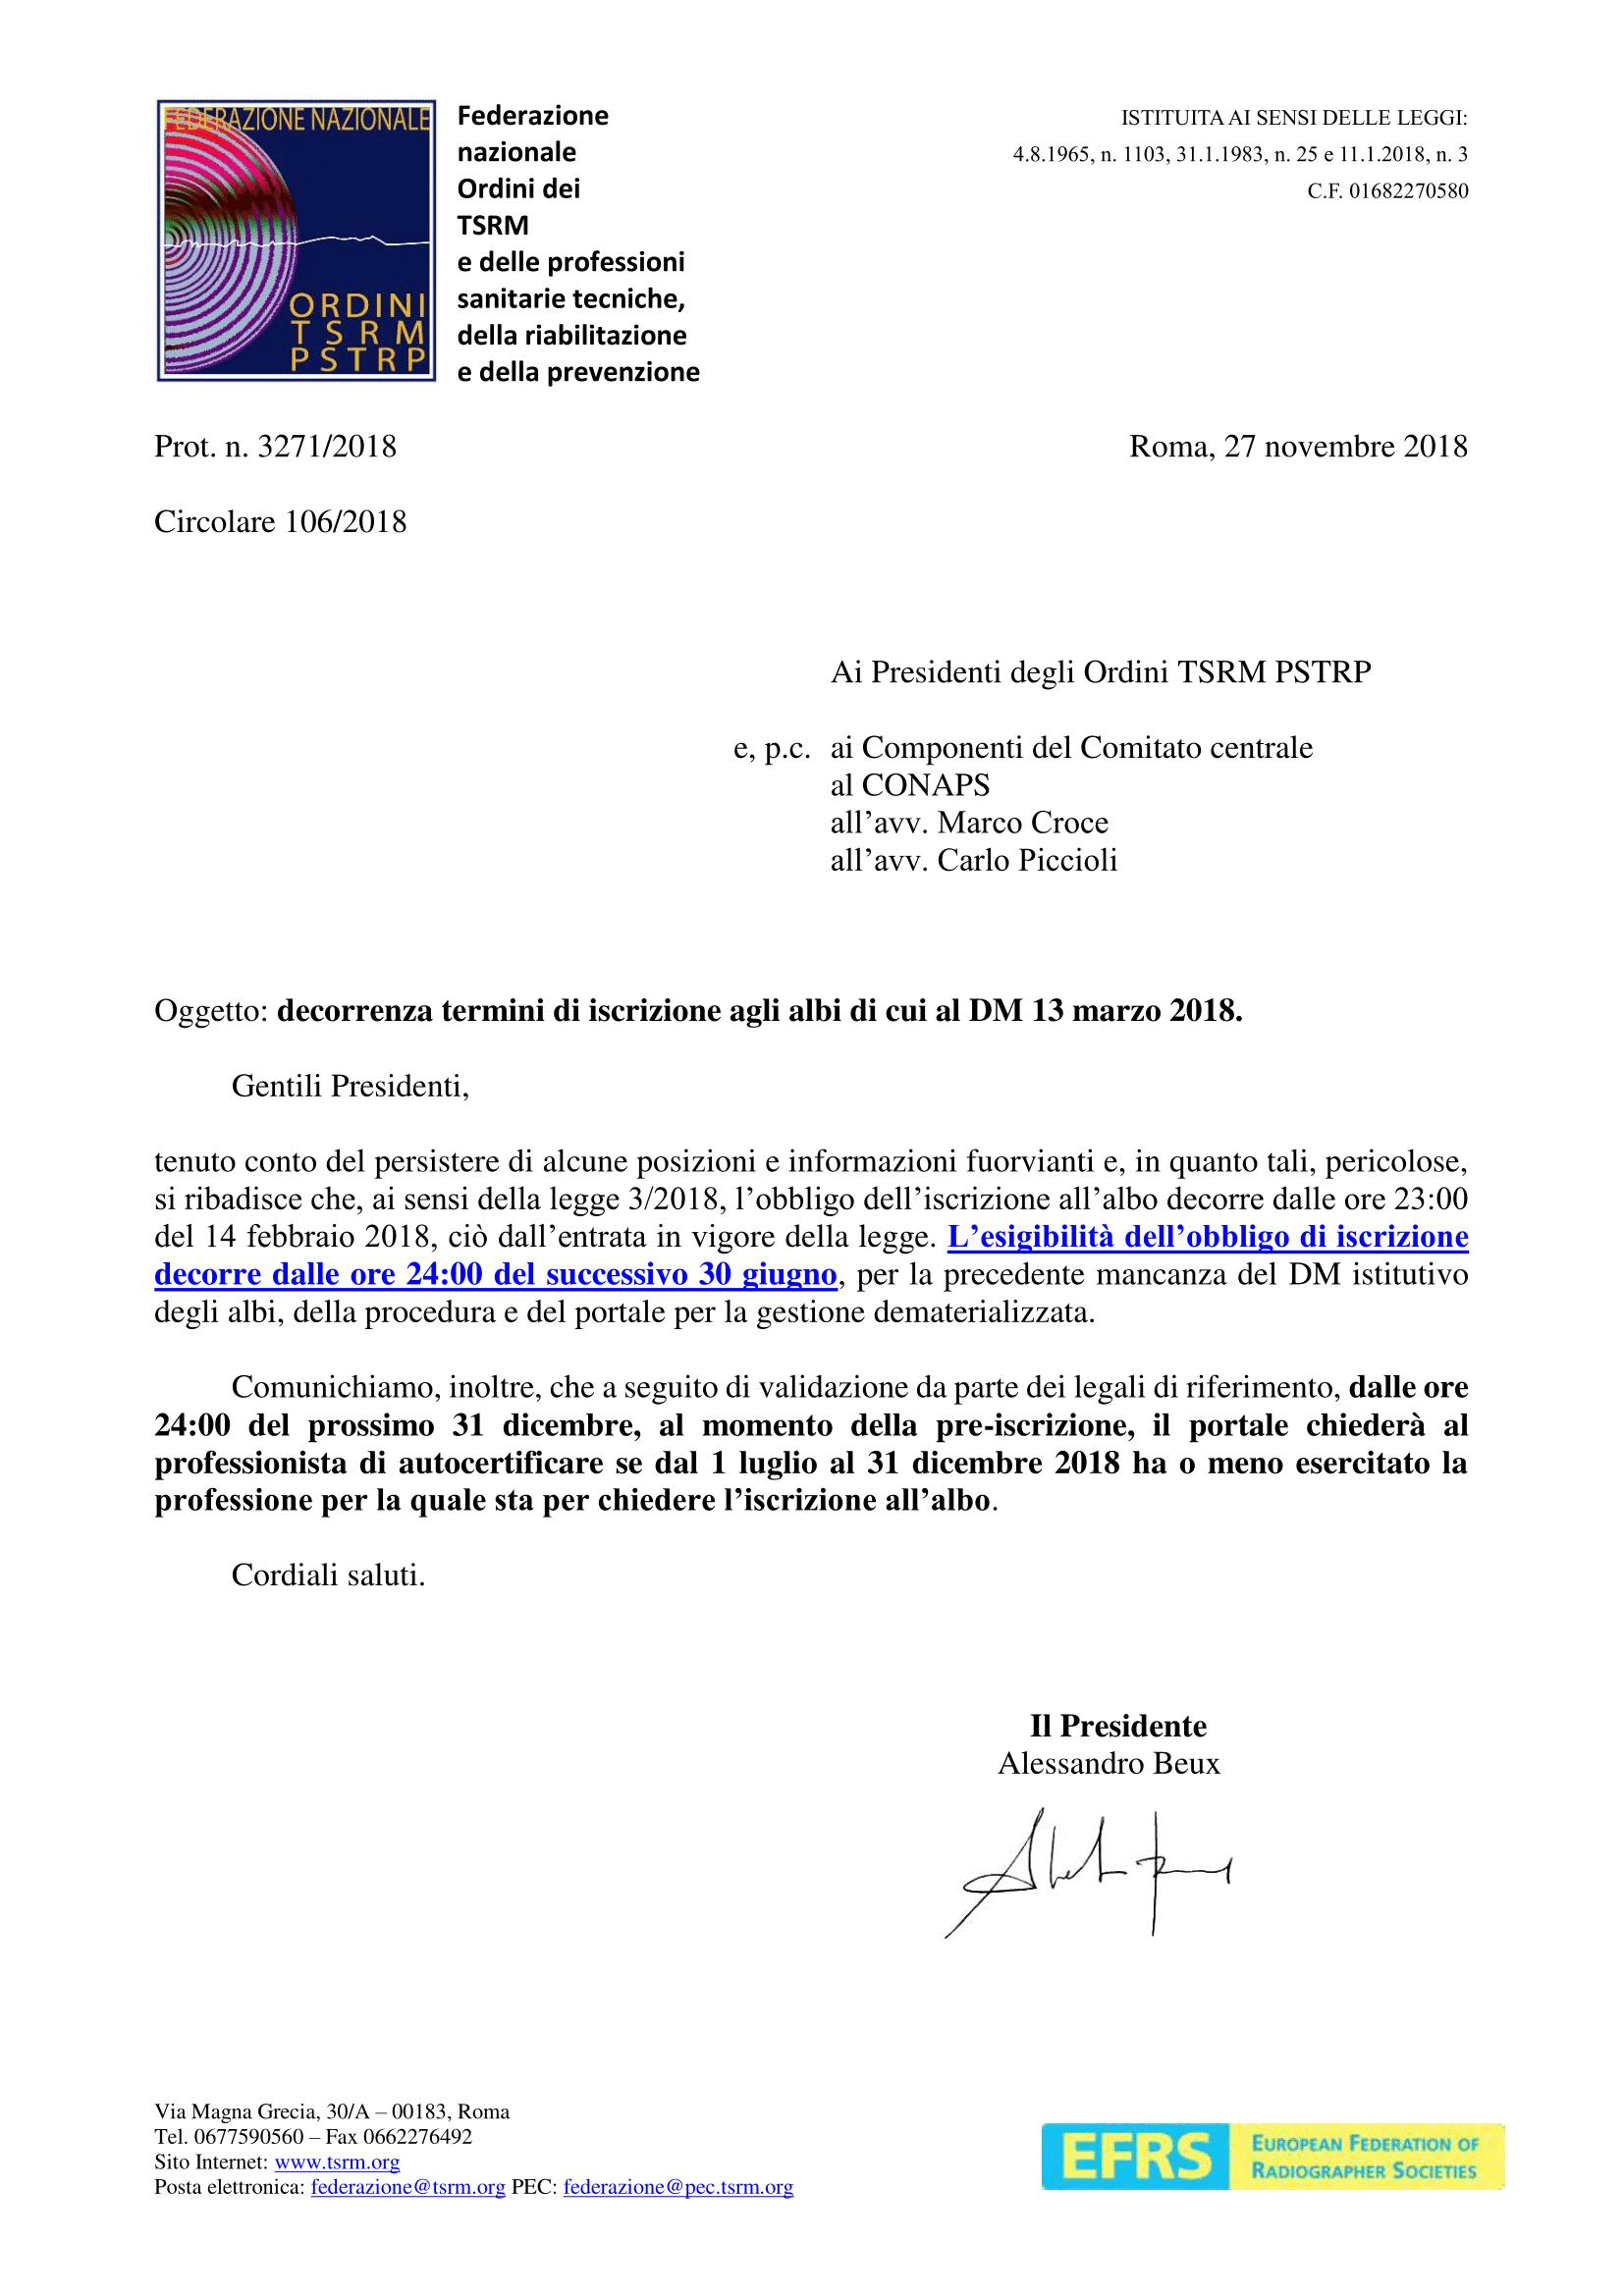 Circolare-106-2018-decorrenza-termini-iscrizioni-1